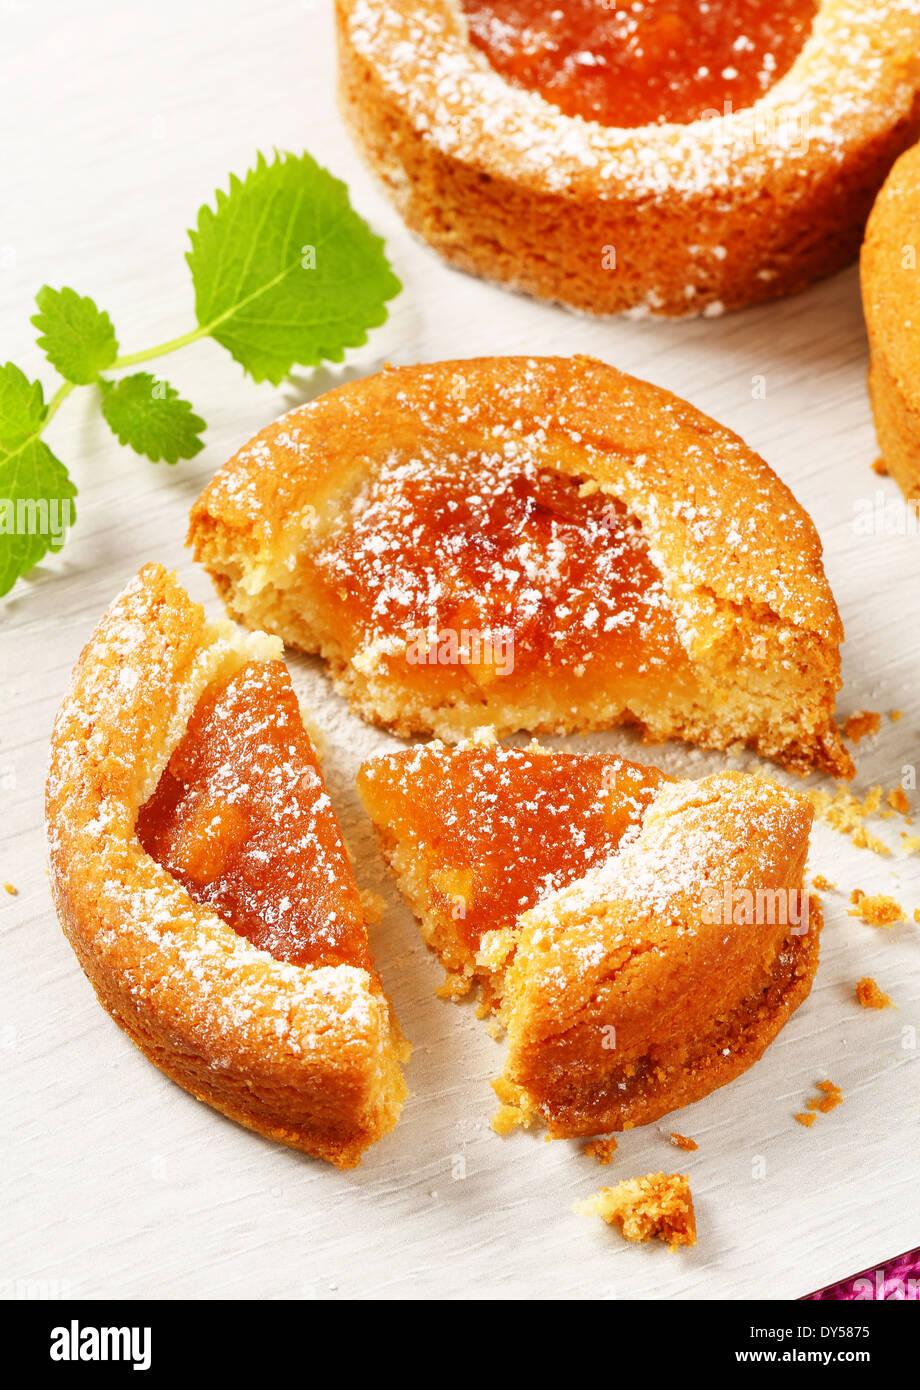 Petits gâteaux ronds remplis de purée de pomme Photo Stock